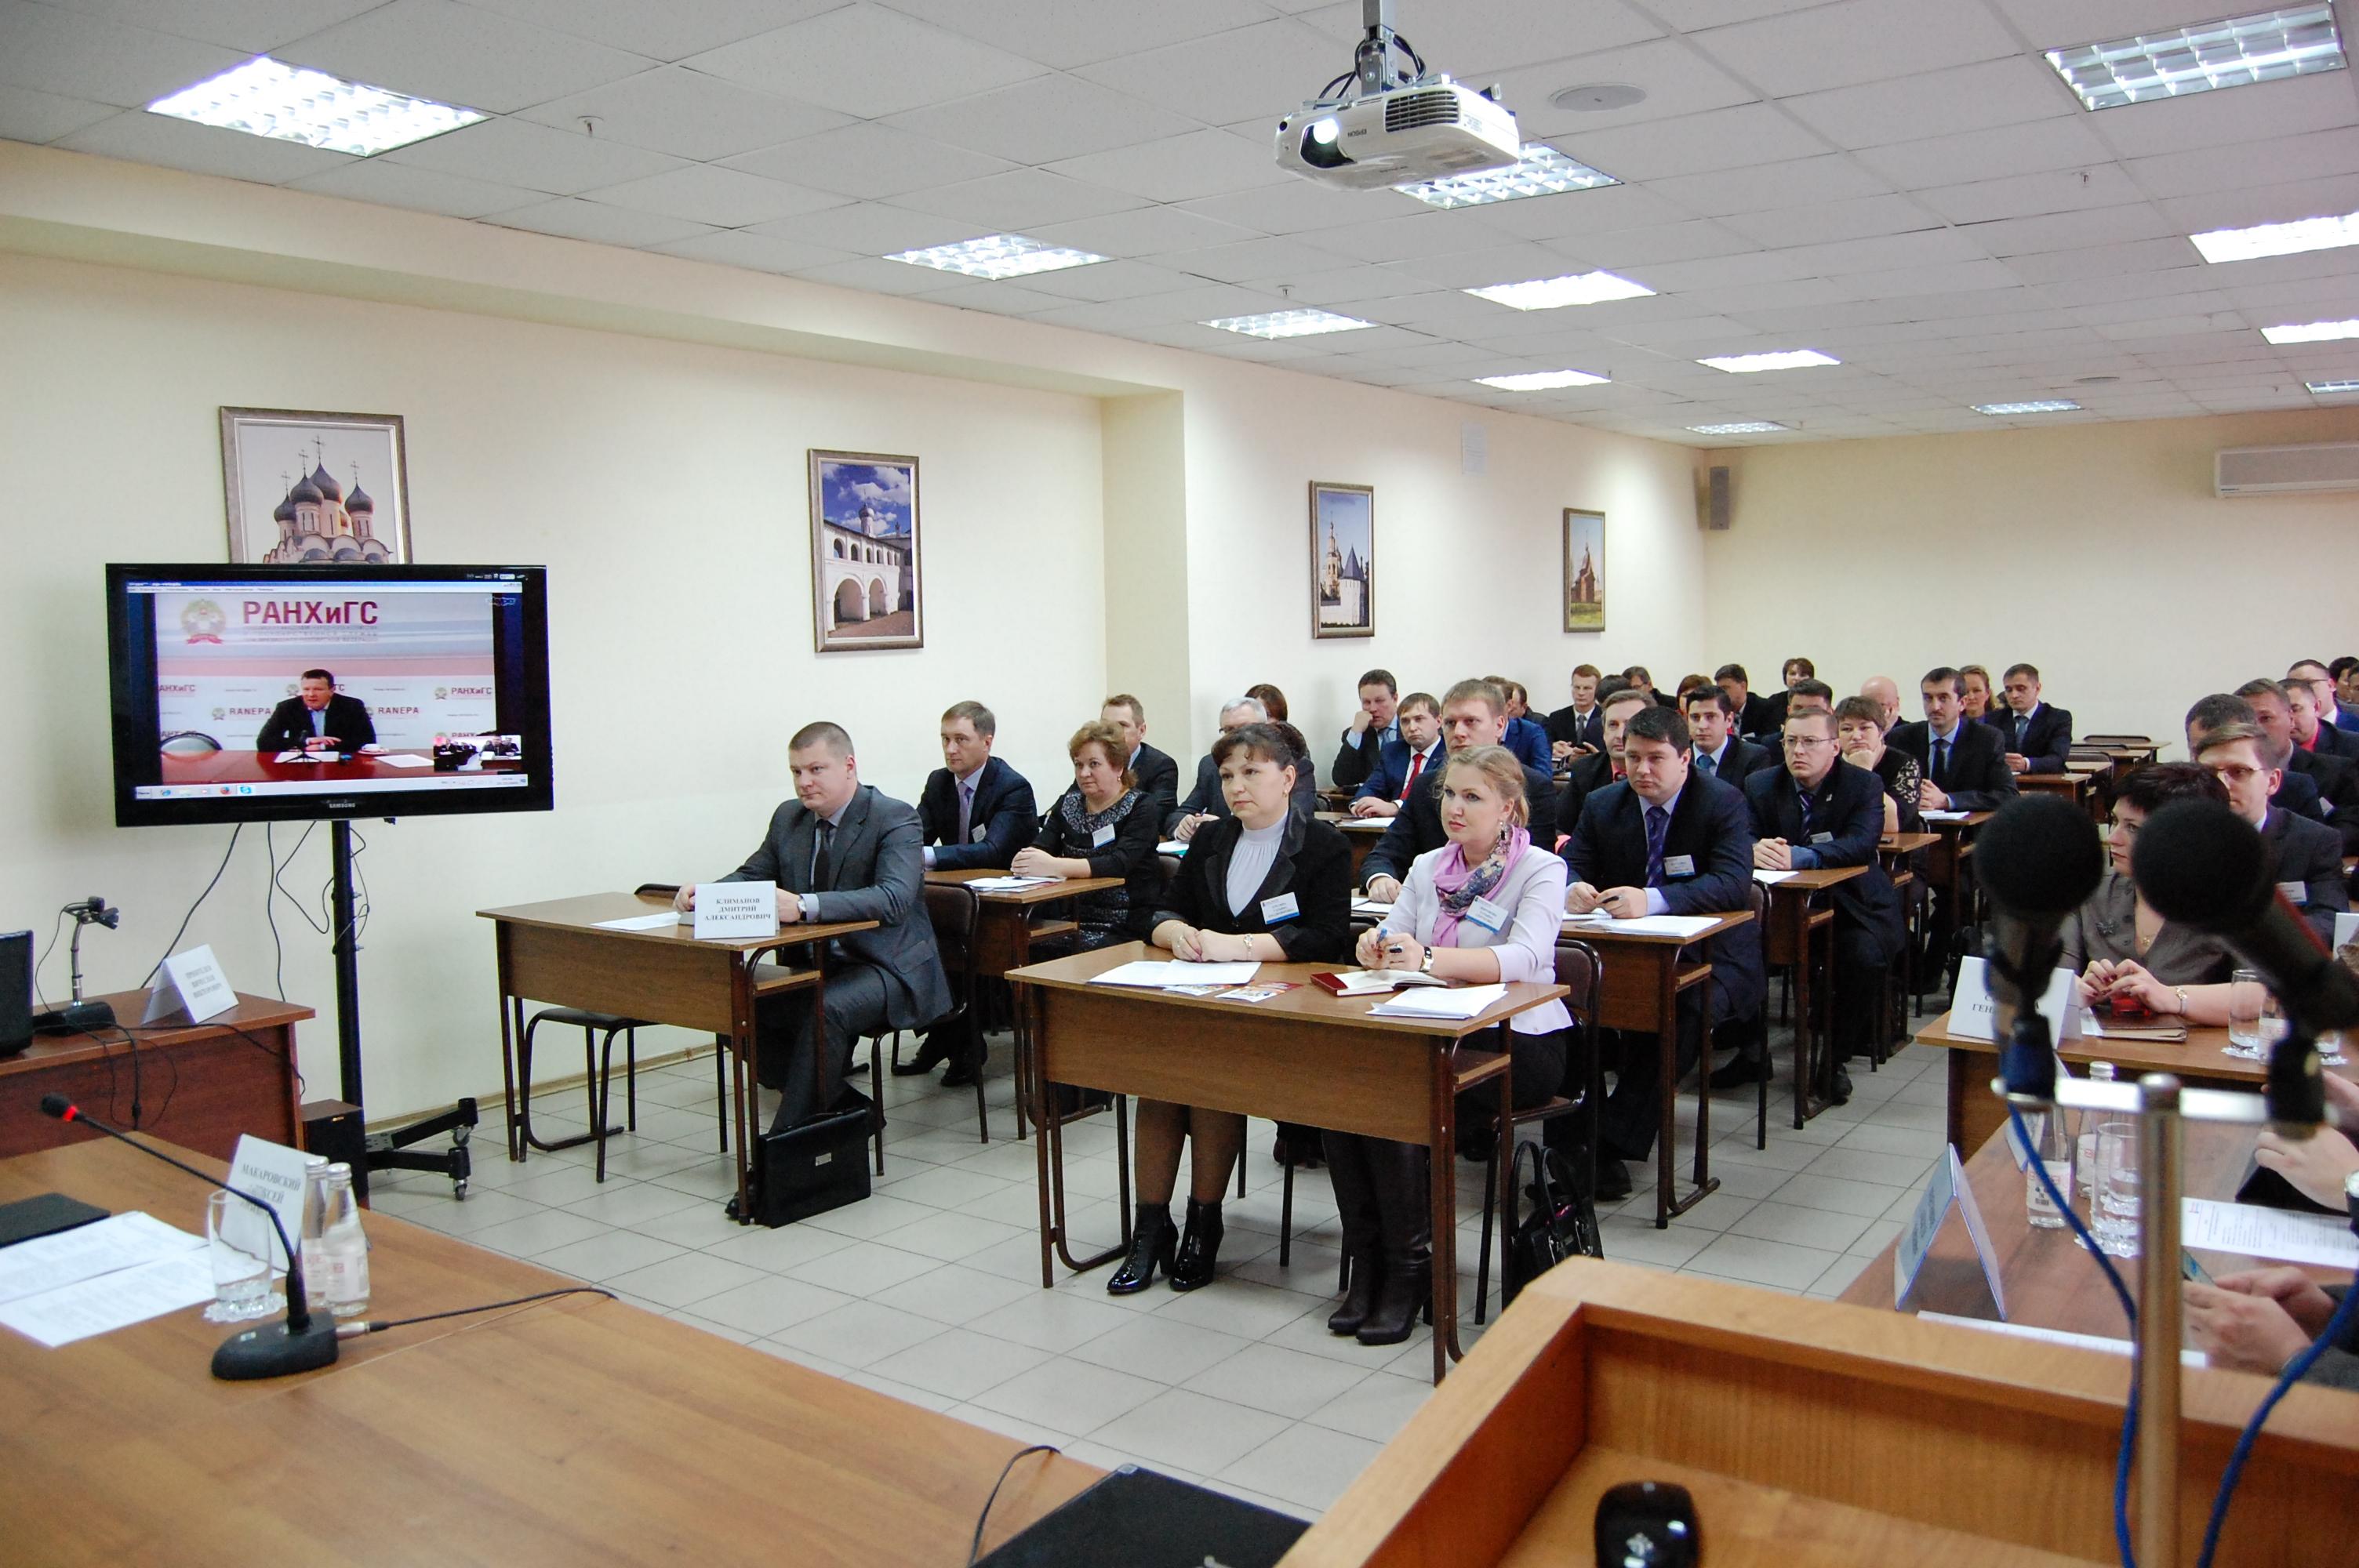 Программа по подготовке руководителей муниципальных образований стартовала в Вологодской области «Команда губернатора: муниципальный уровень» #5